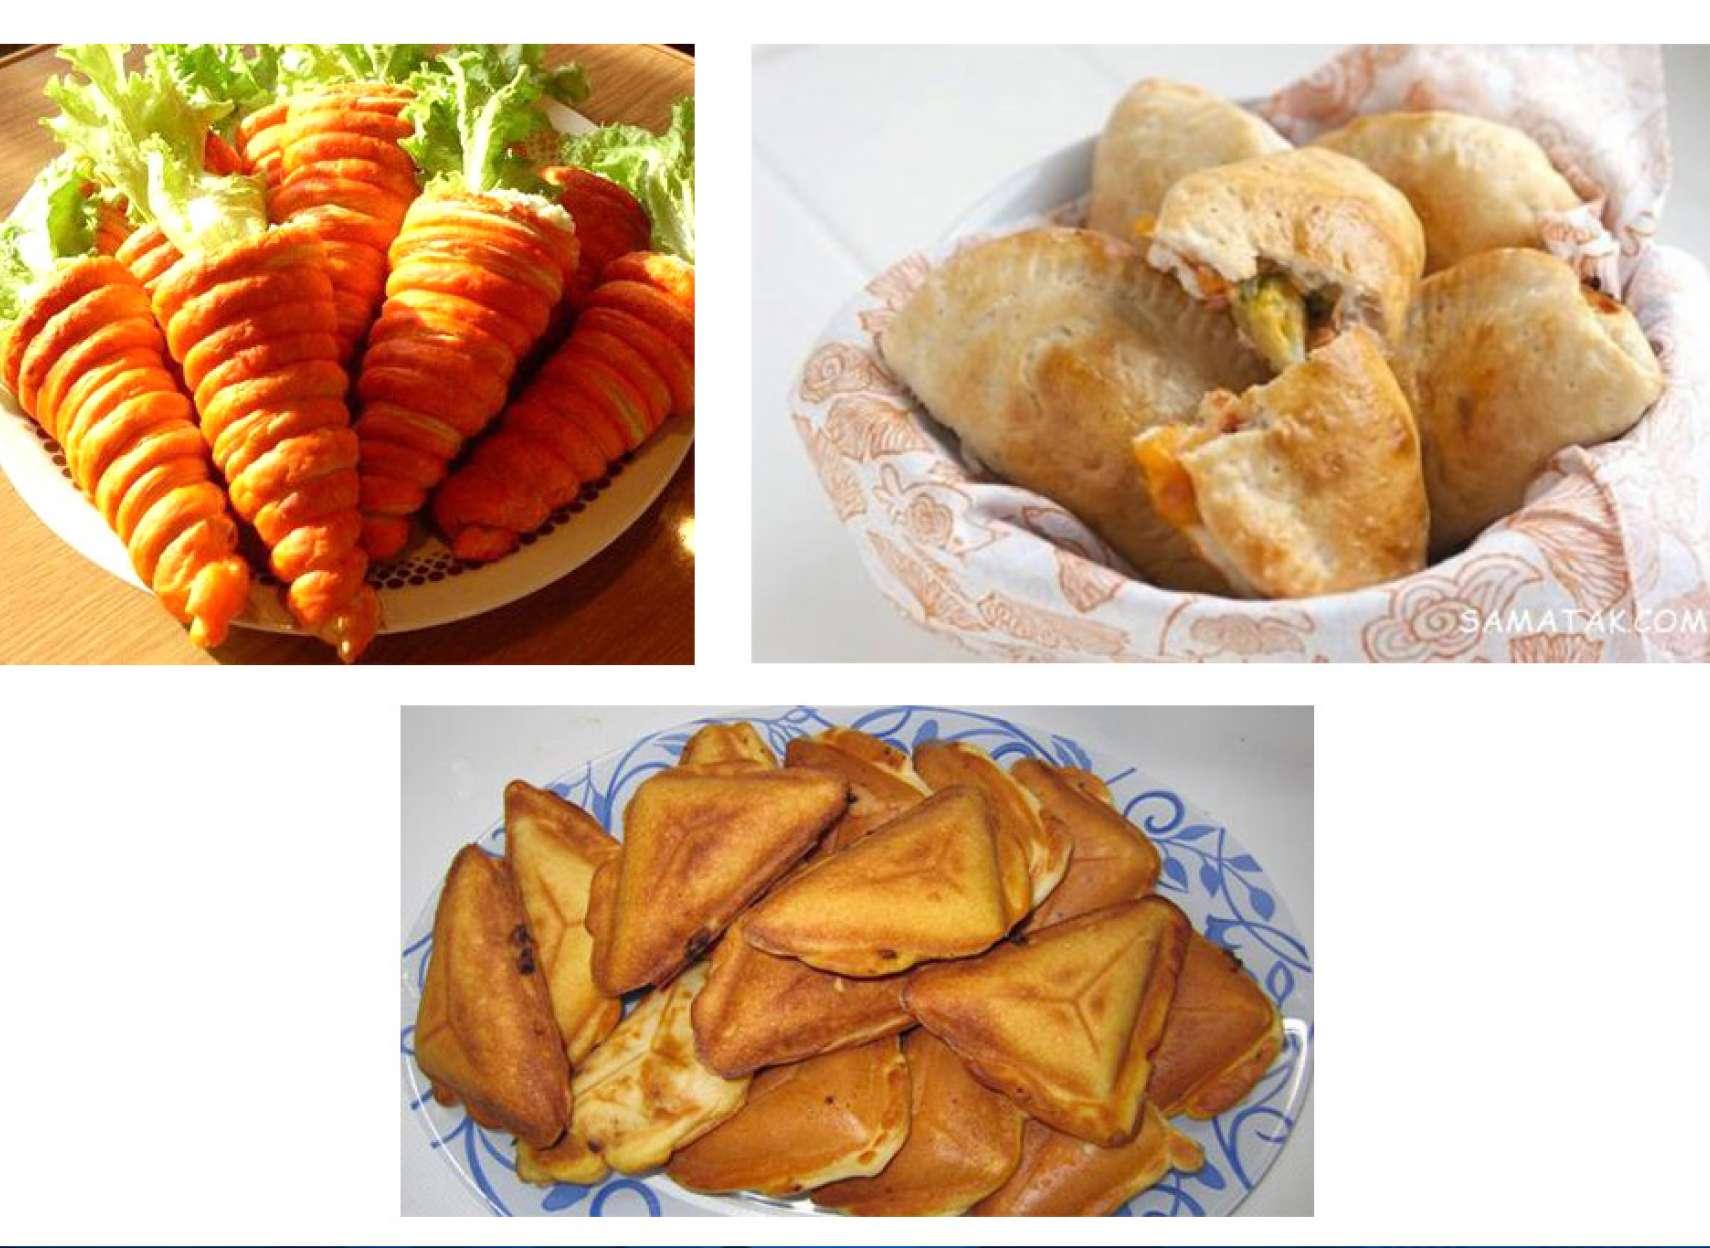 آشپزی-ترابی-سالاد-الویه-به-شکل-هویج-اسنک-مرغ-پیتزای-لقمهای